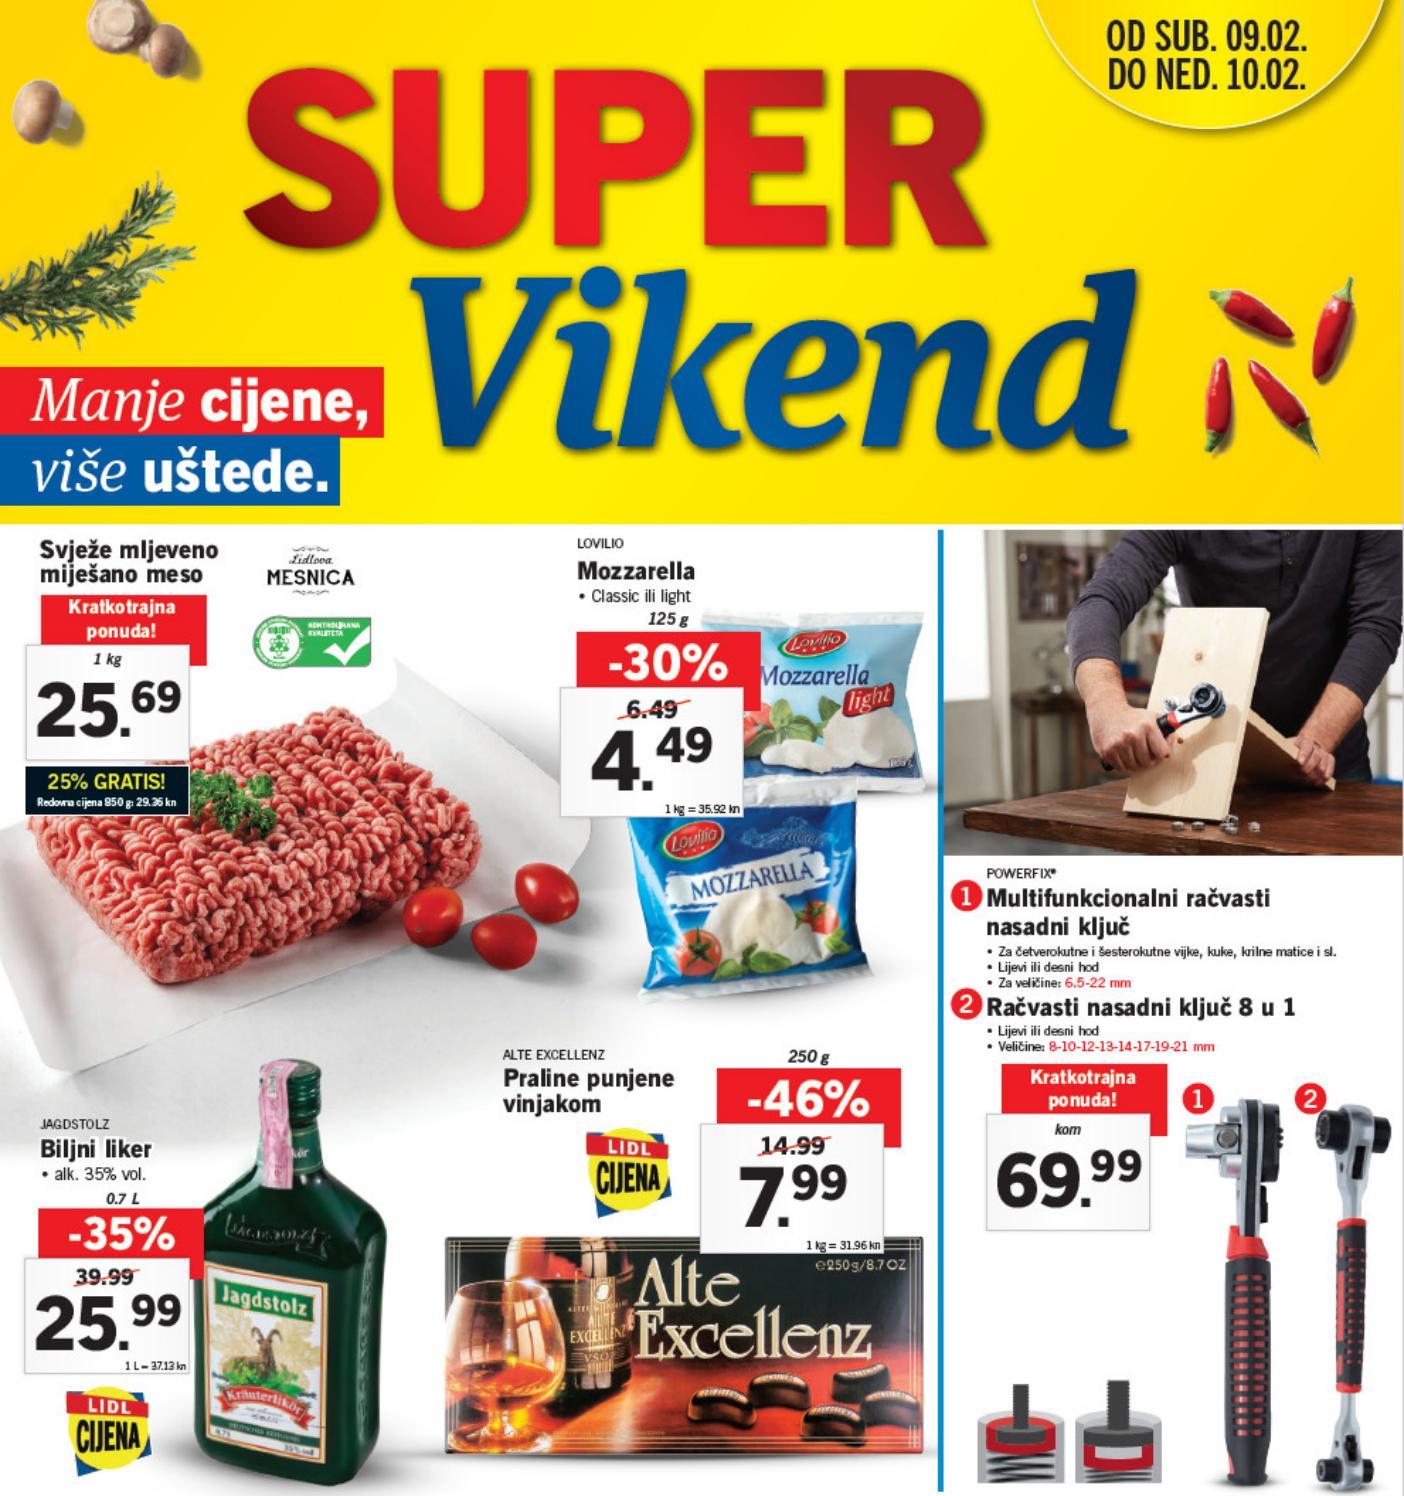 Novi super popusti na odabrane proizvode u Lidlovom Super vikendu od 08.-  09.02.2019. godine.